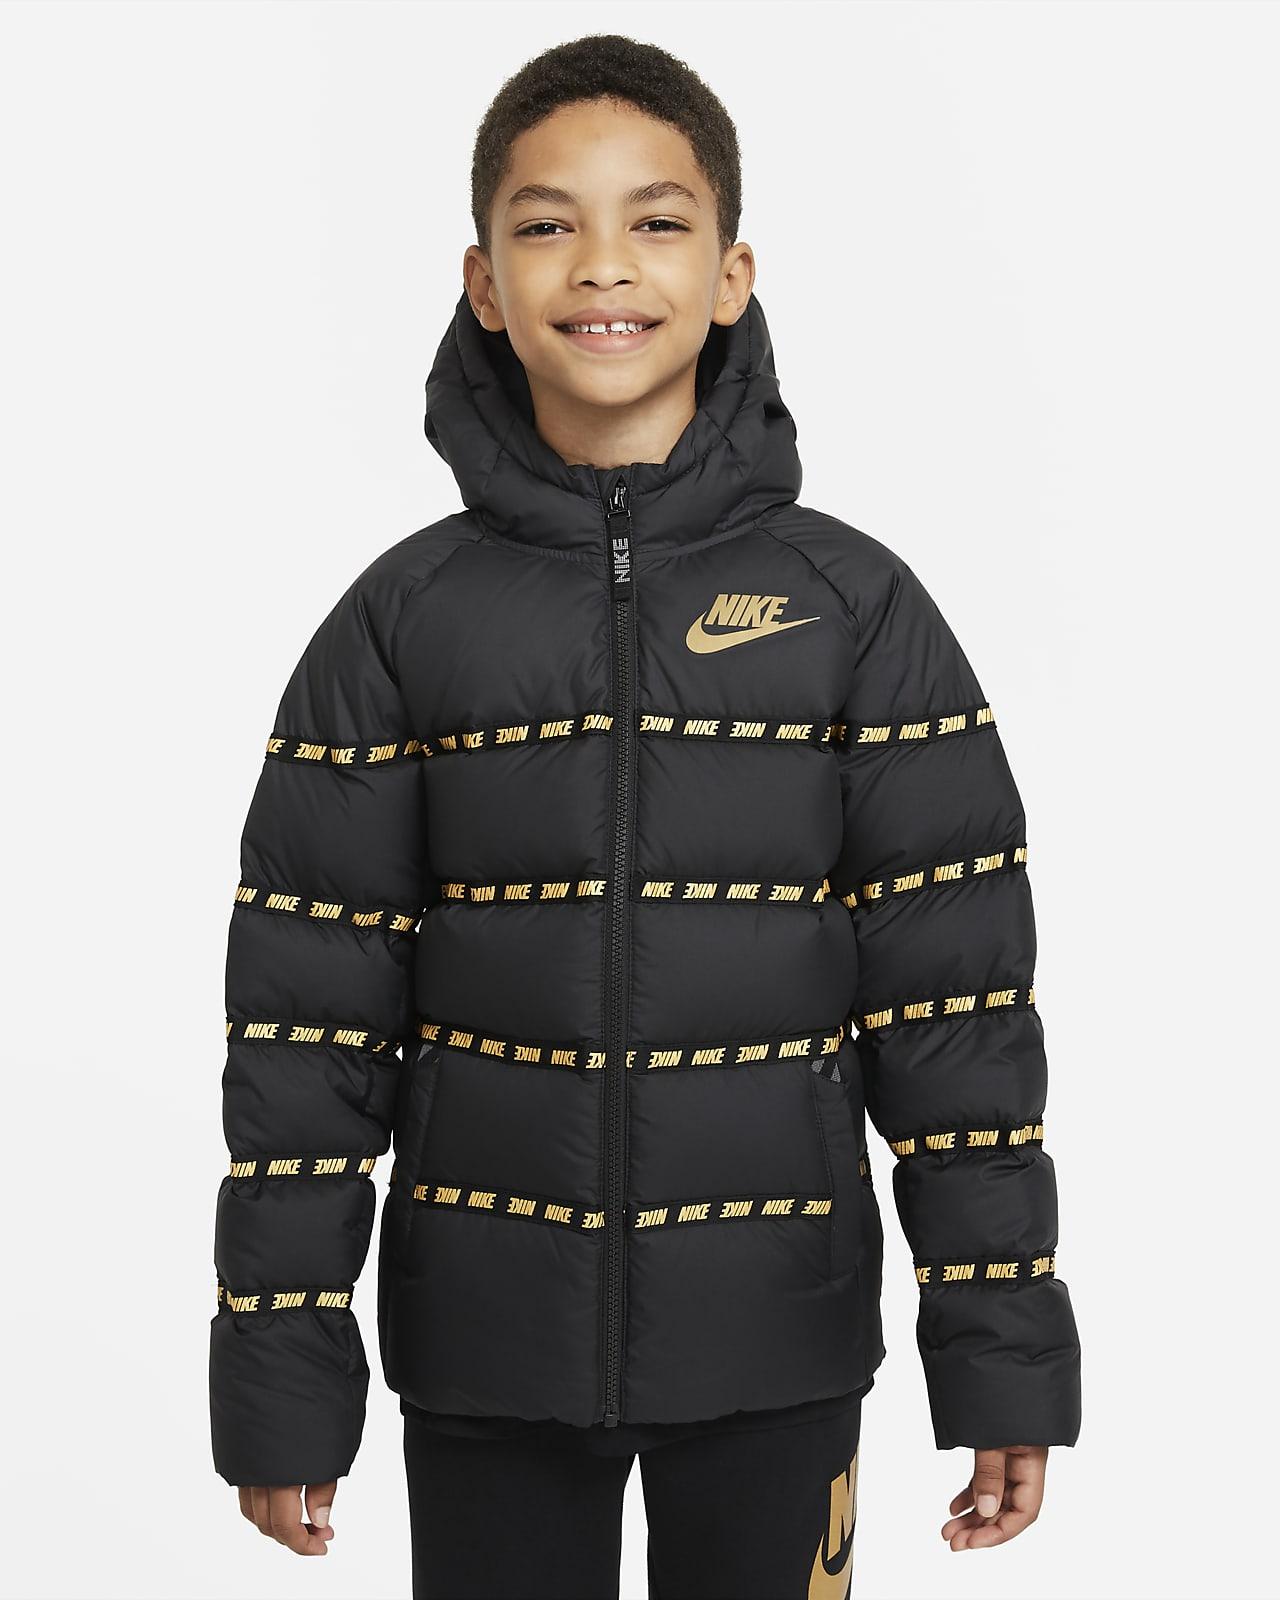 Nike Sportswear Older Kids' Down Jacket